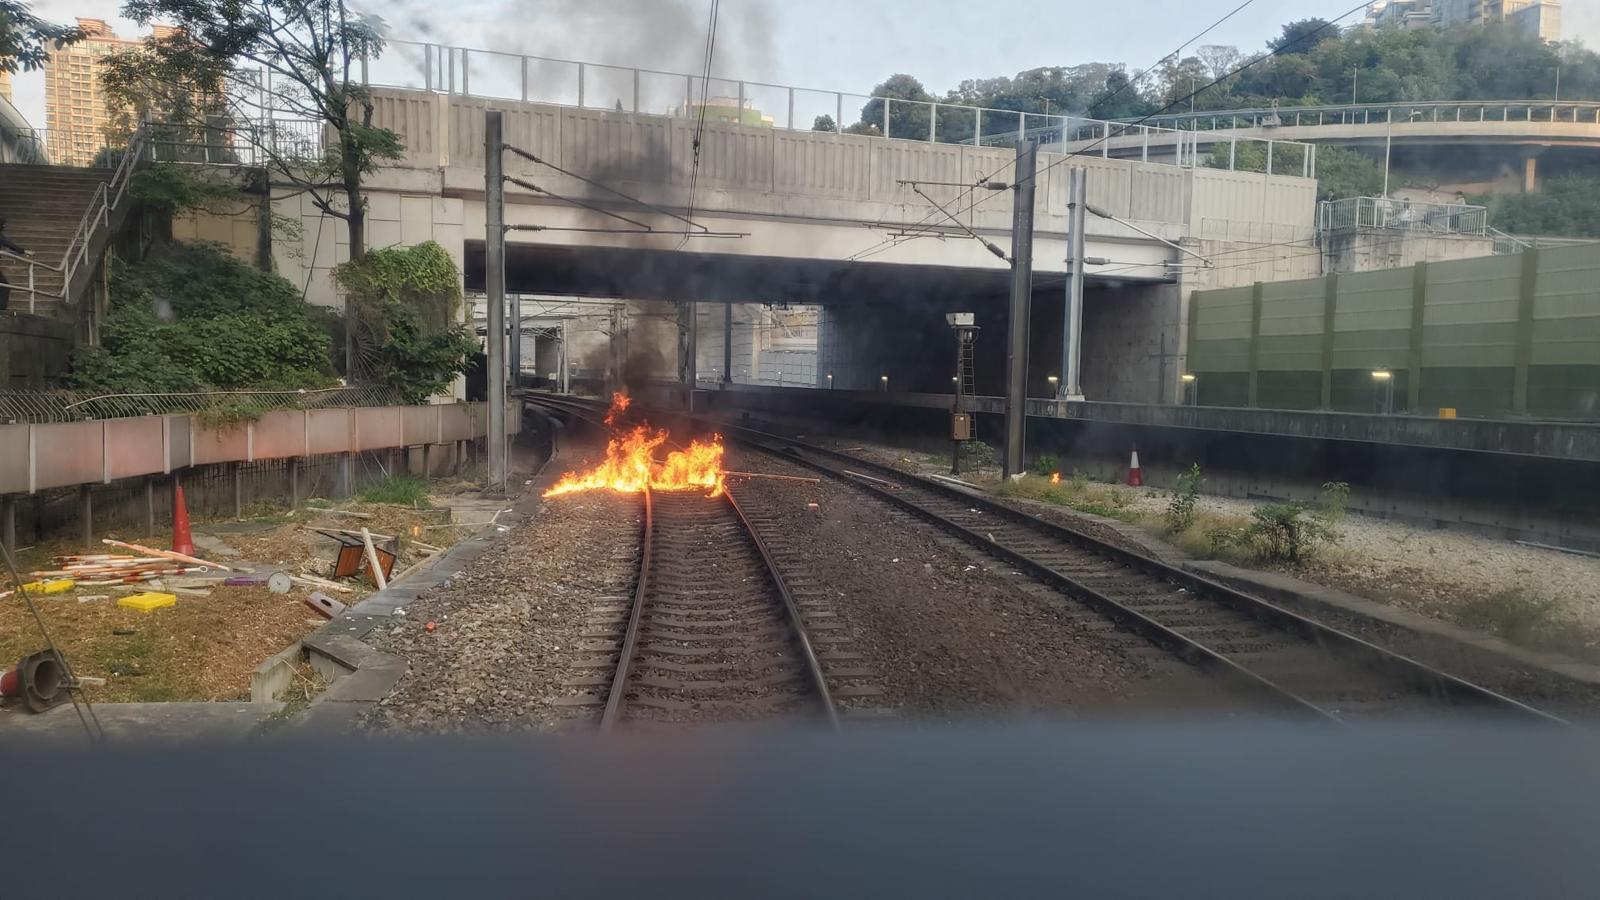 【大三罢】西铁綫行走红磡至兆康站 红磡站路轨遭投燃烧物列车一度受阻